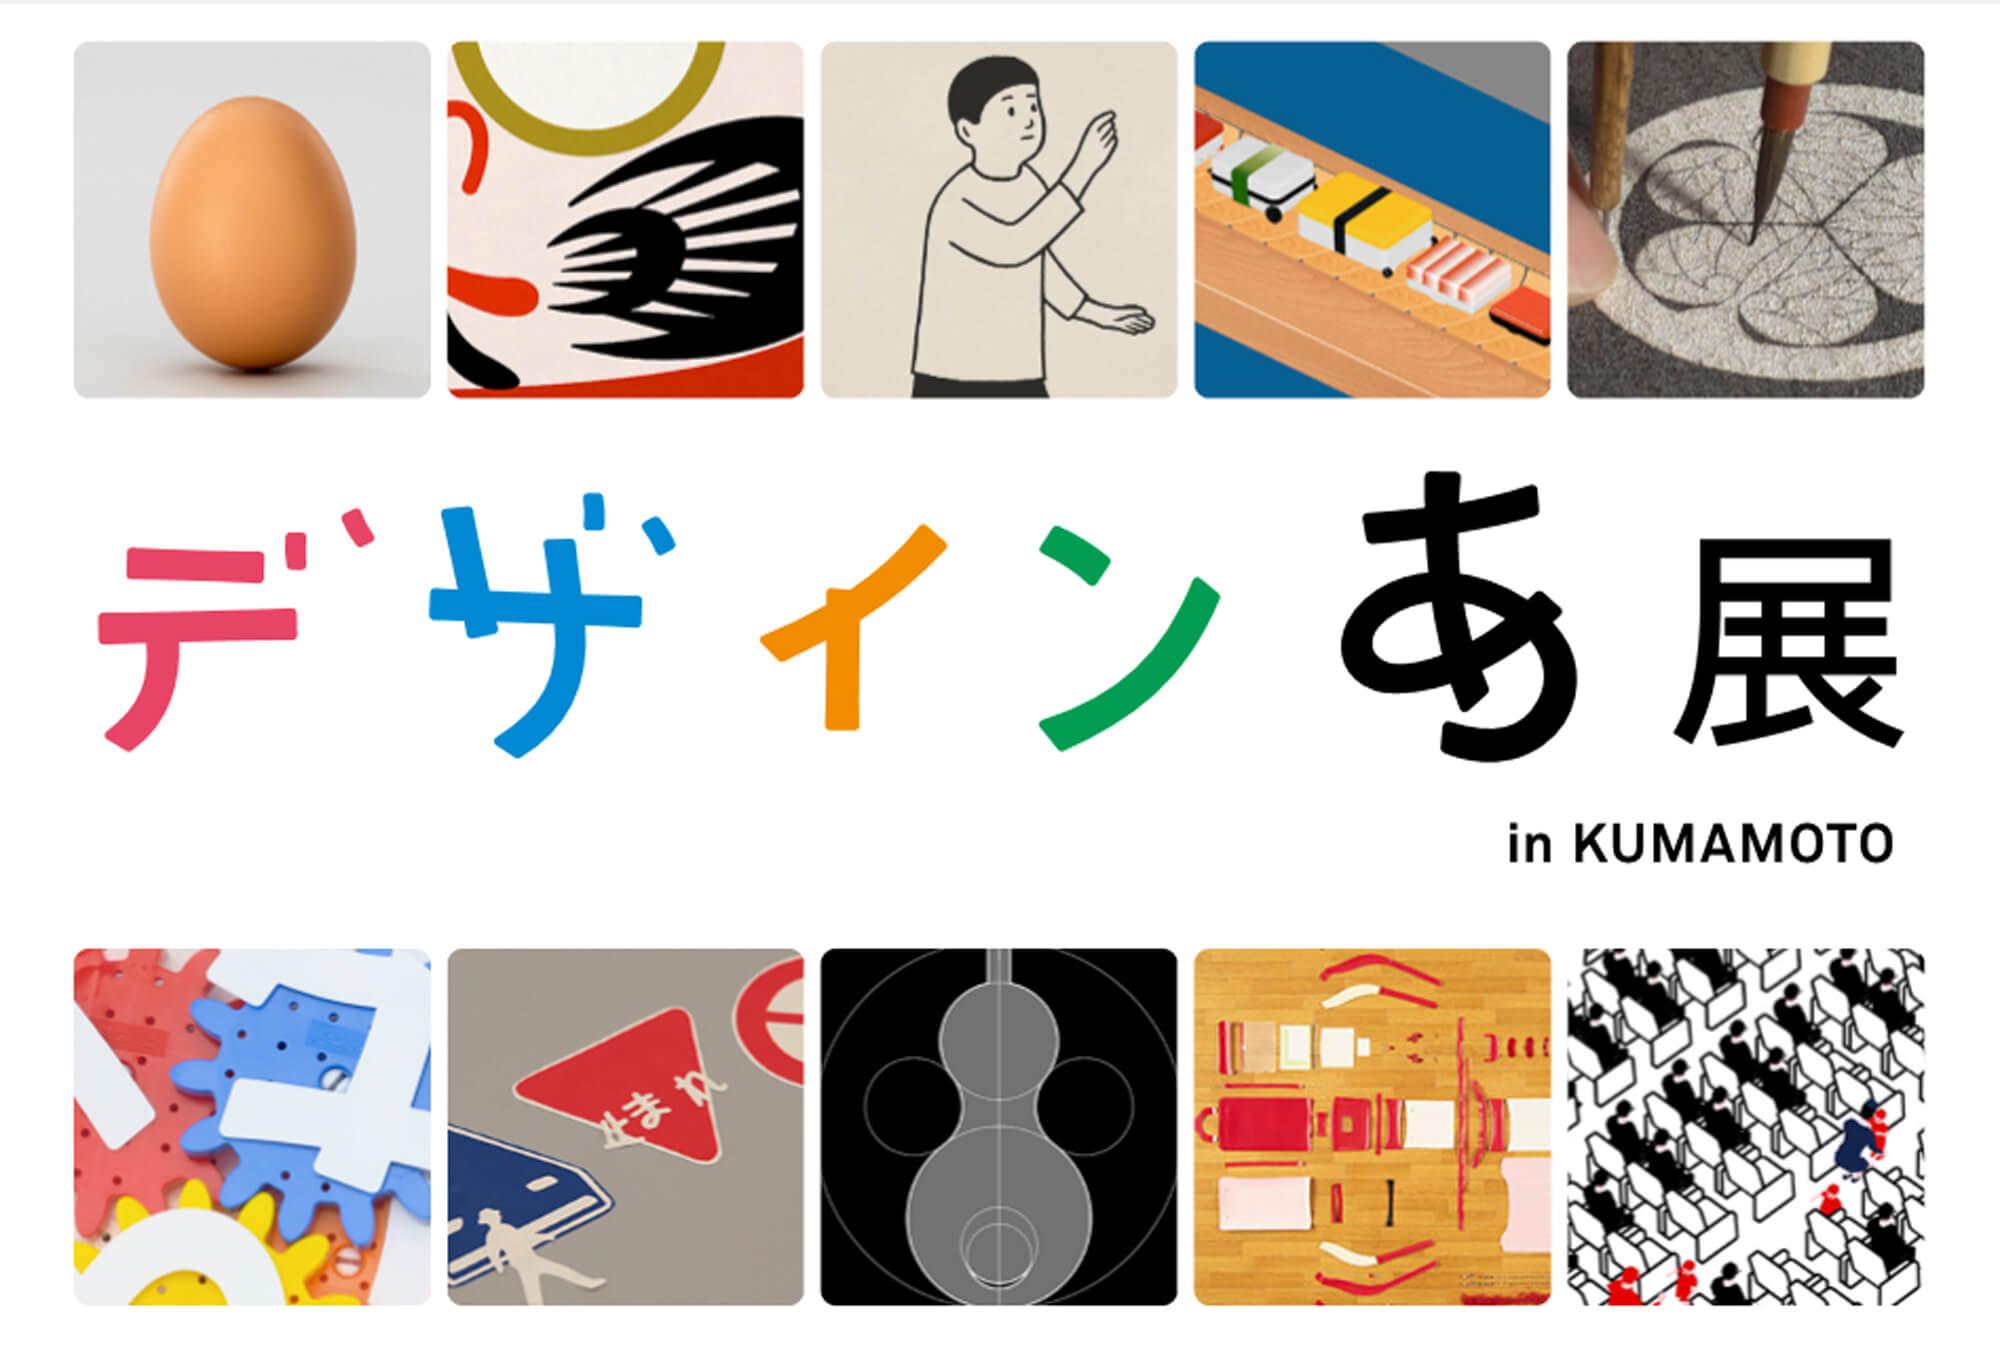 デザインあ展 in KUMAMOTO